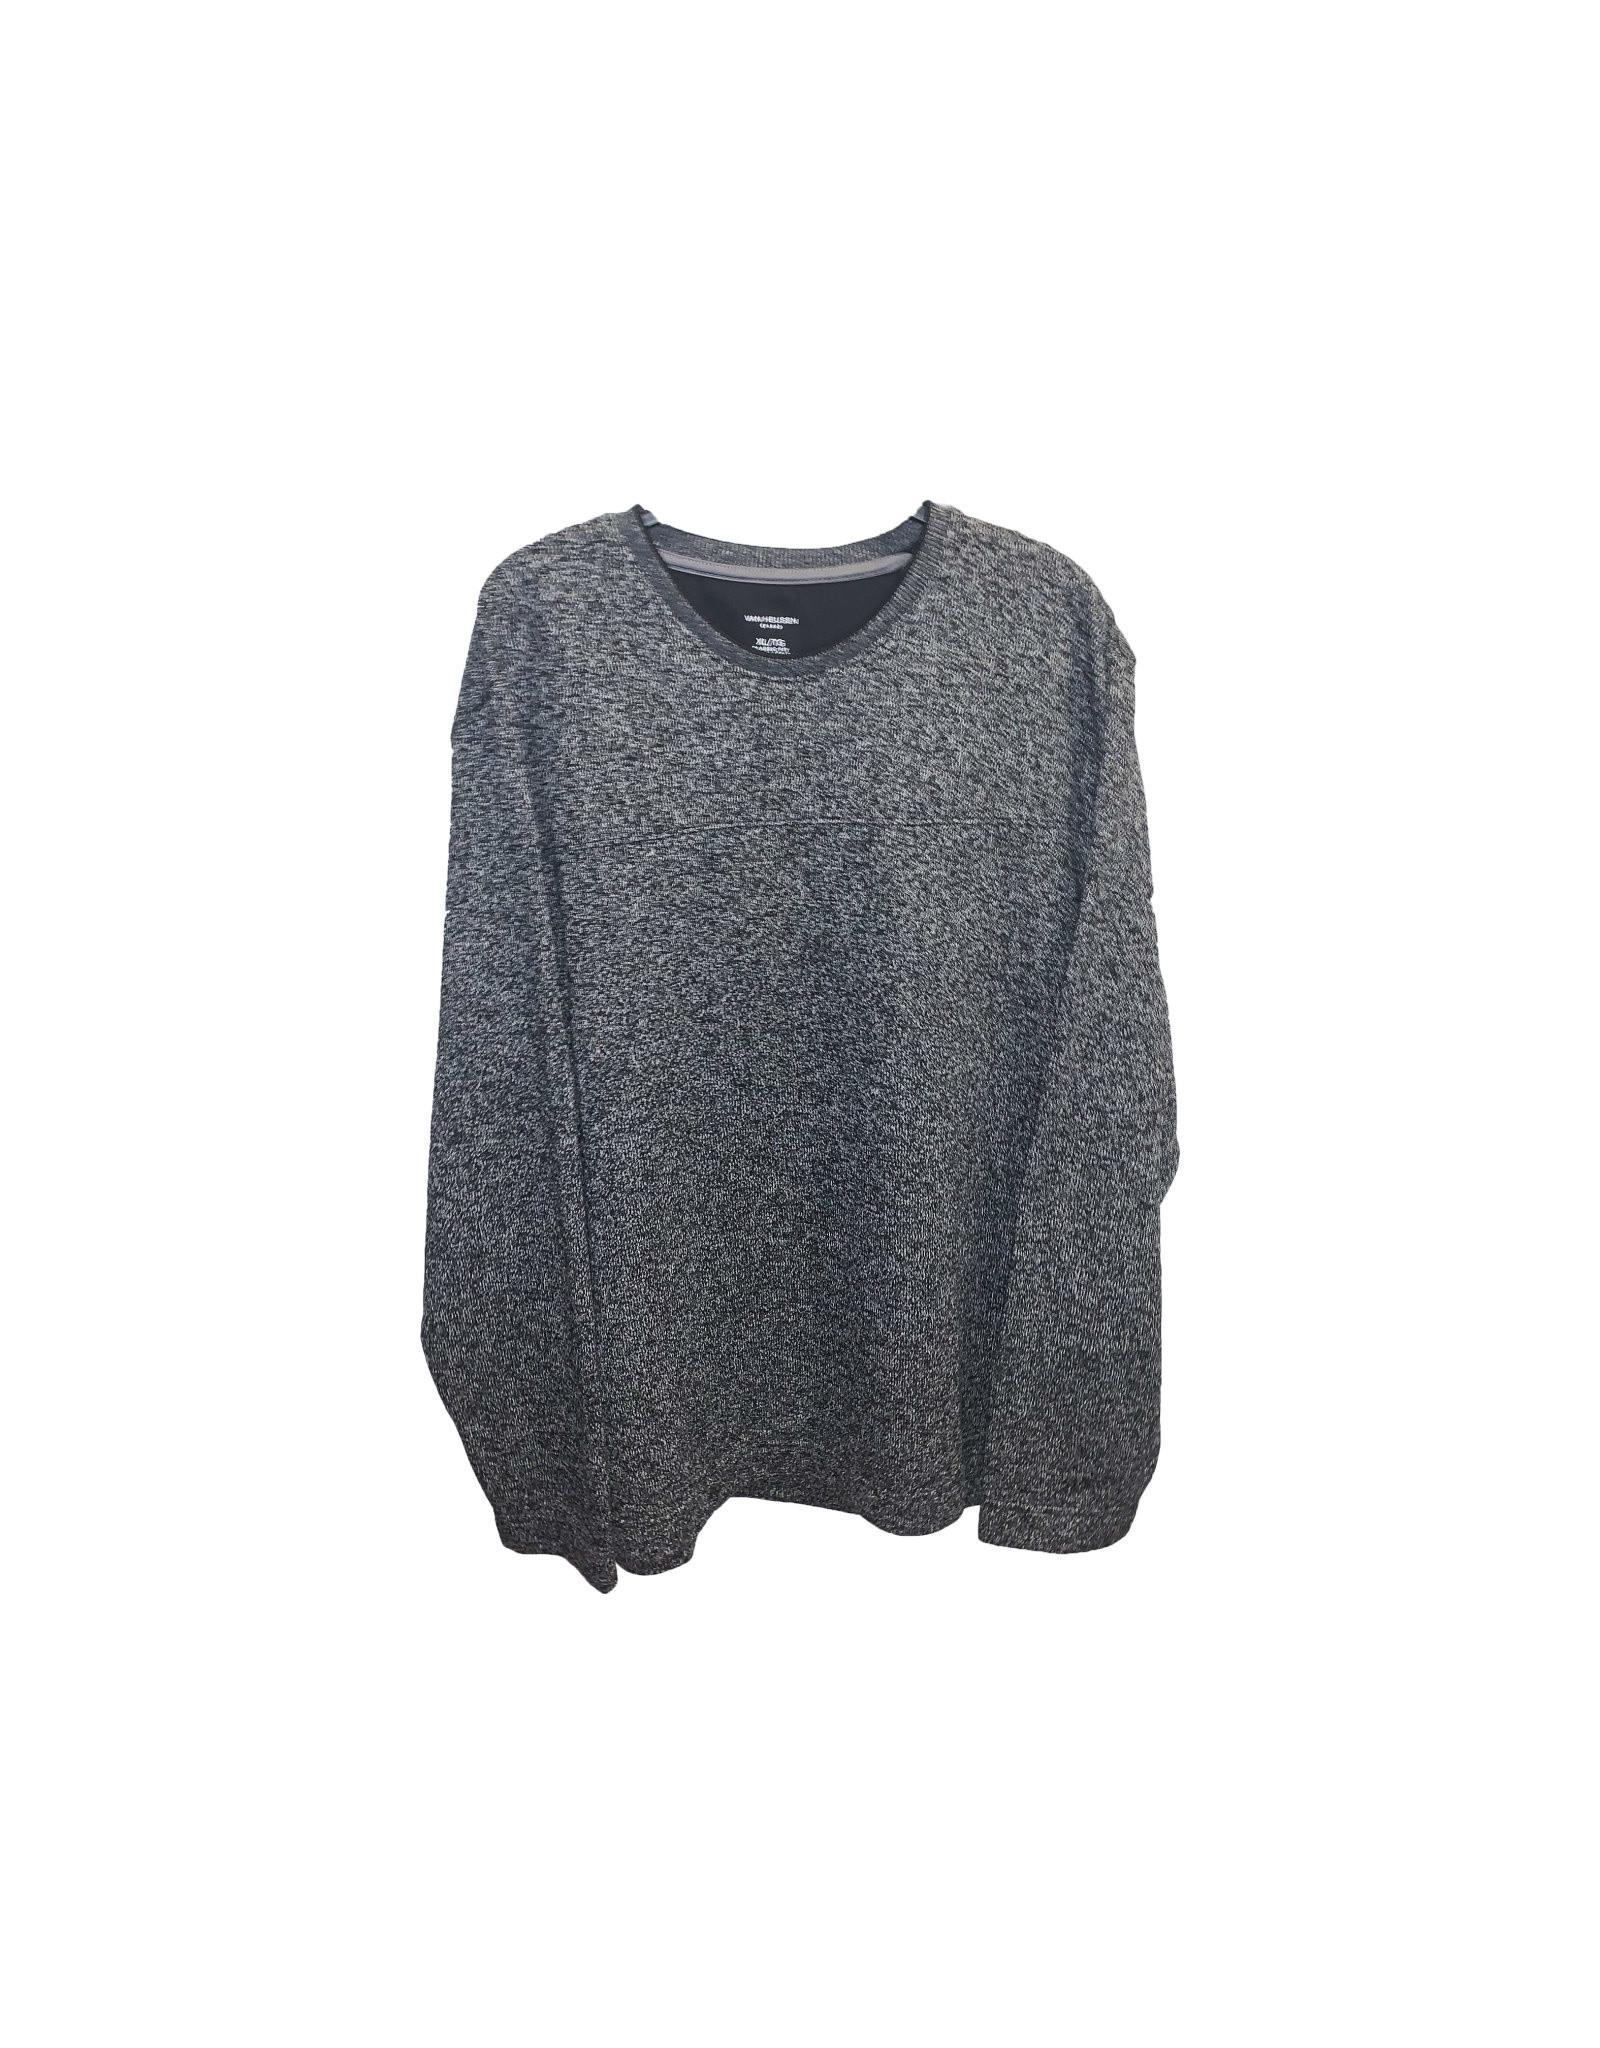 Van Heusen Van Heusen  Marled  Sweatshirt  SizeXL